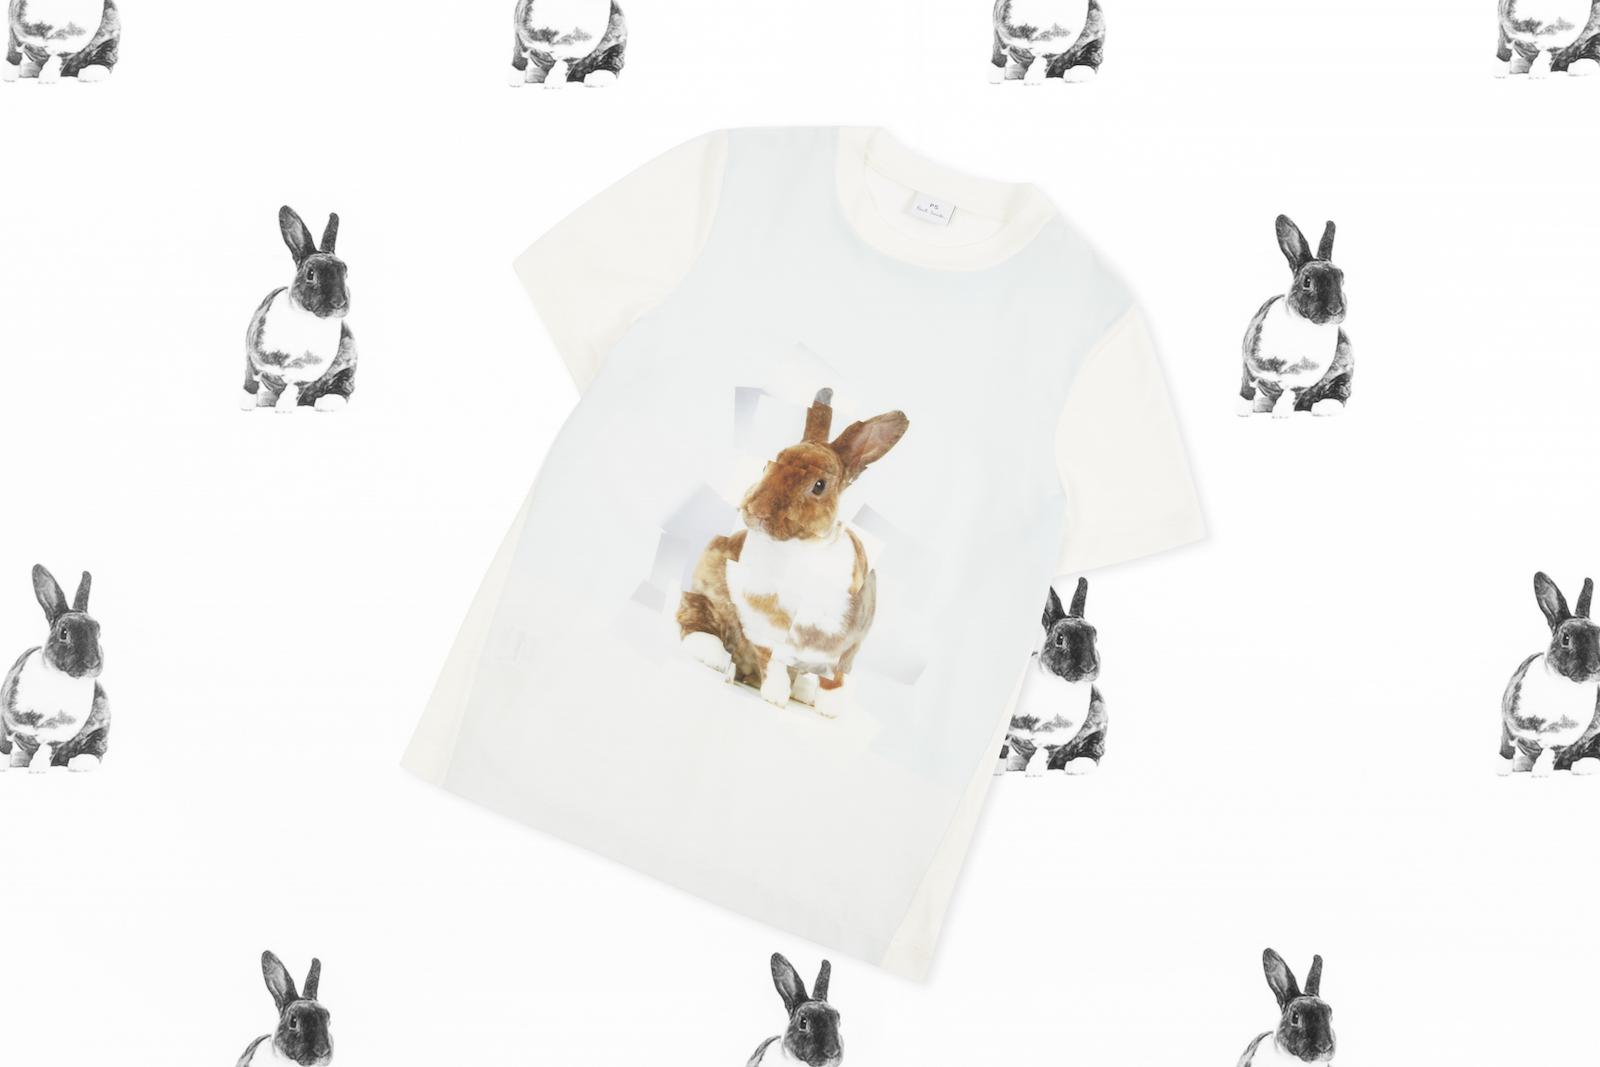 ラッキーアニマル・ウサギをモチーフにした『PS ポール・スミス』のカプセルコレクションに癒される♡_1_2